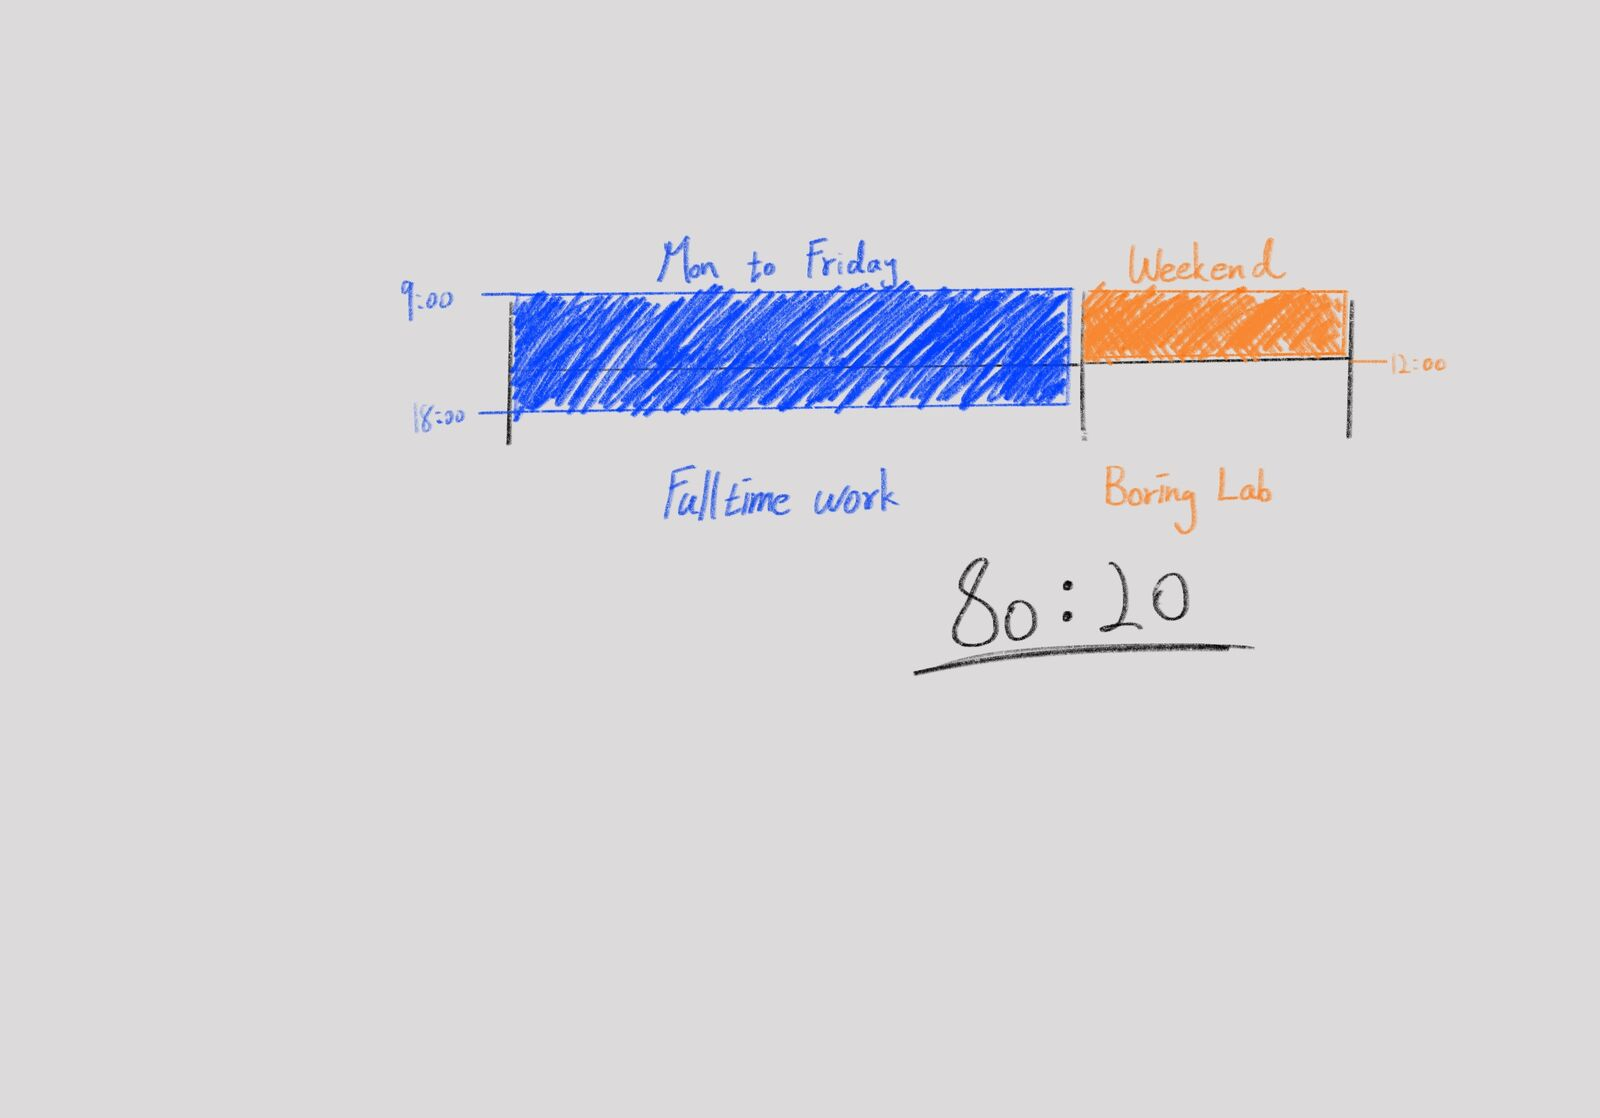 ff1ea5d092aa7a9549392f15d1f59349.jpeg